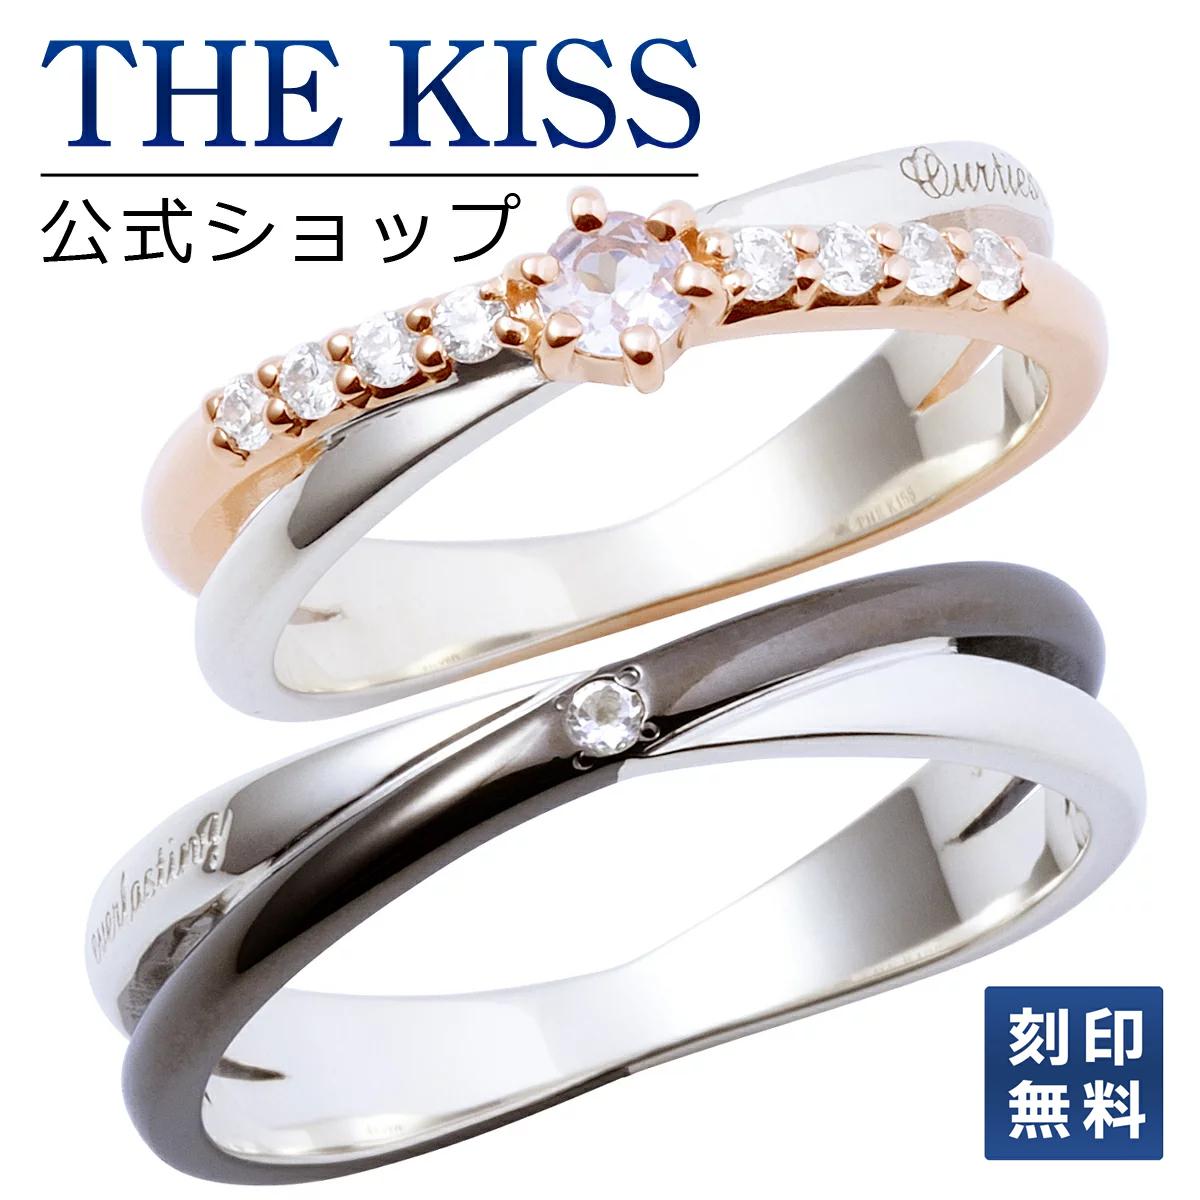 【あす楽対応】THE KISS 公式サイト シルバー ペアリング ダイヤモンド ペアアクセサリー カップル に 人気 の ジュエリーブランド THEKISS ペア リング・指輪 記念日 プレゼント SR2432DM-2433DM セット シンプル ザキス 【送料無料】